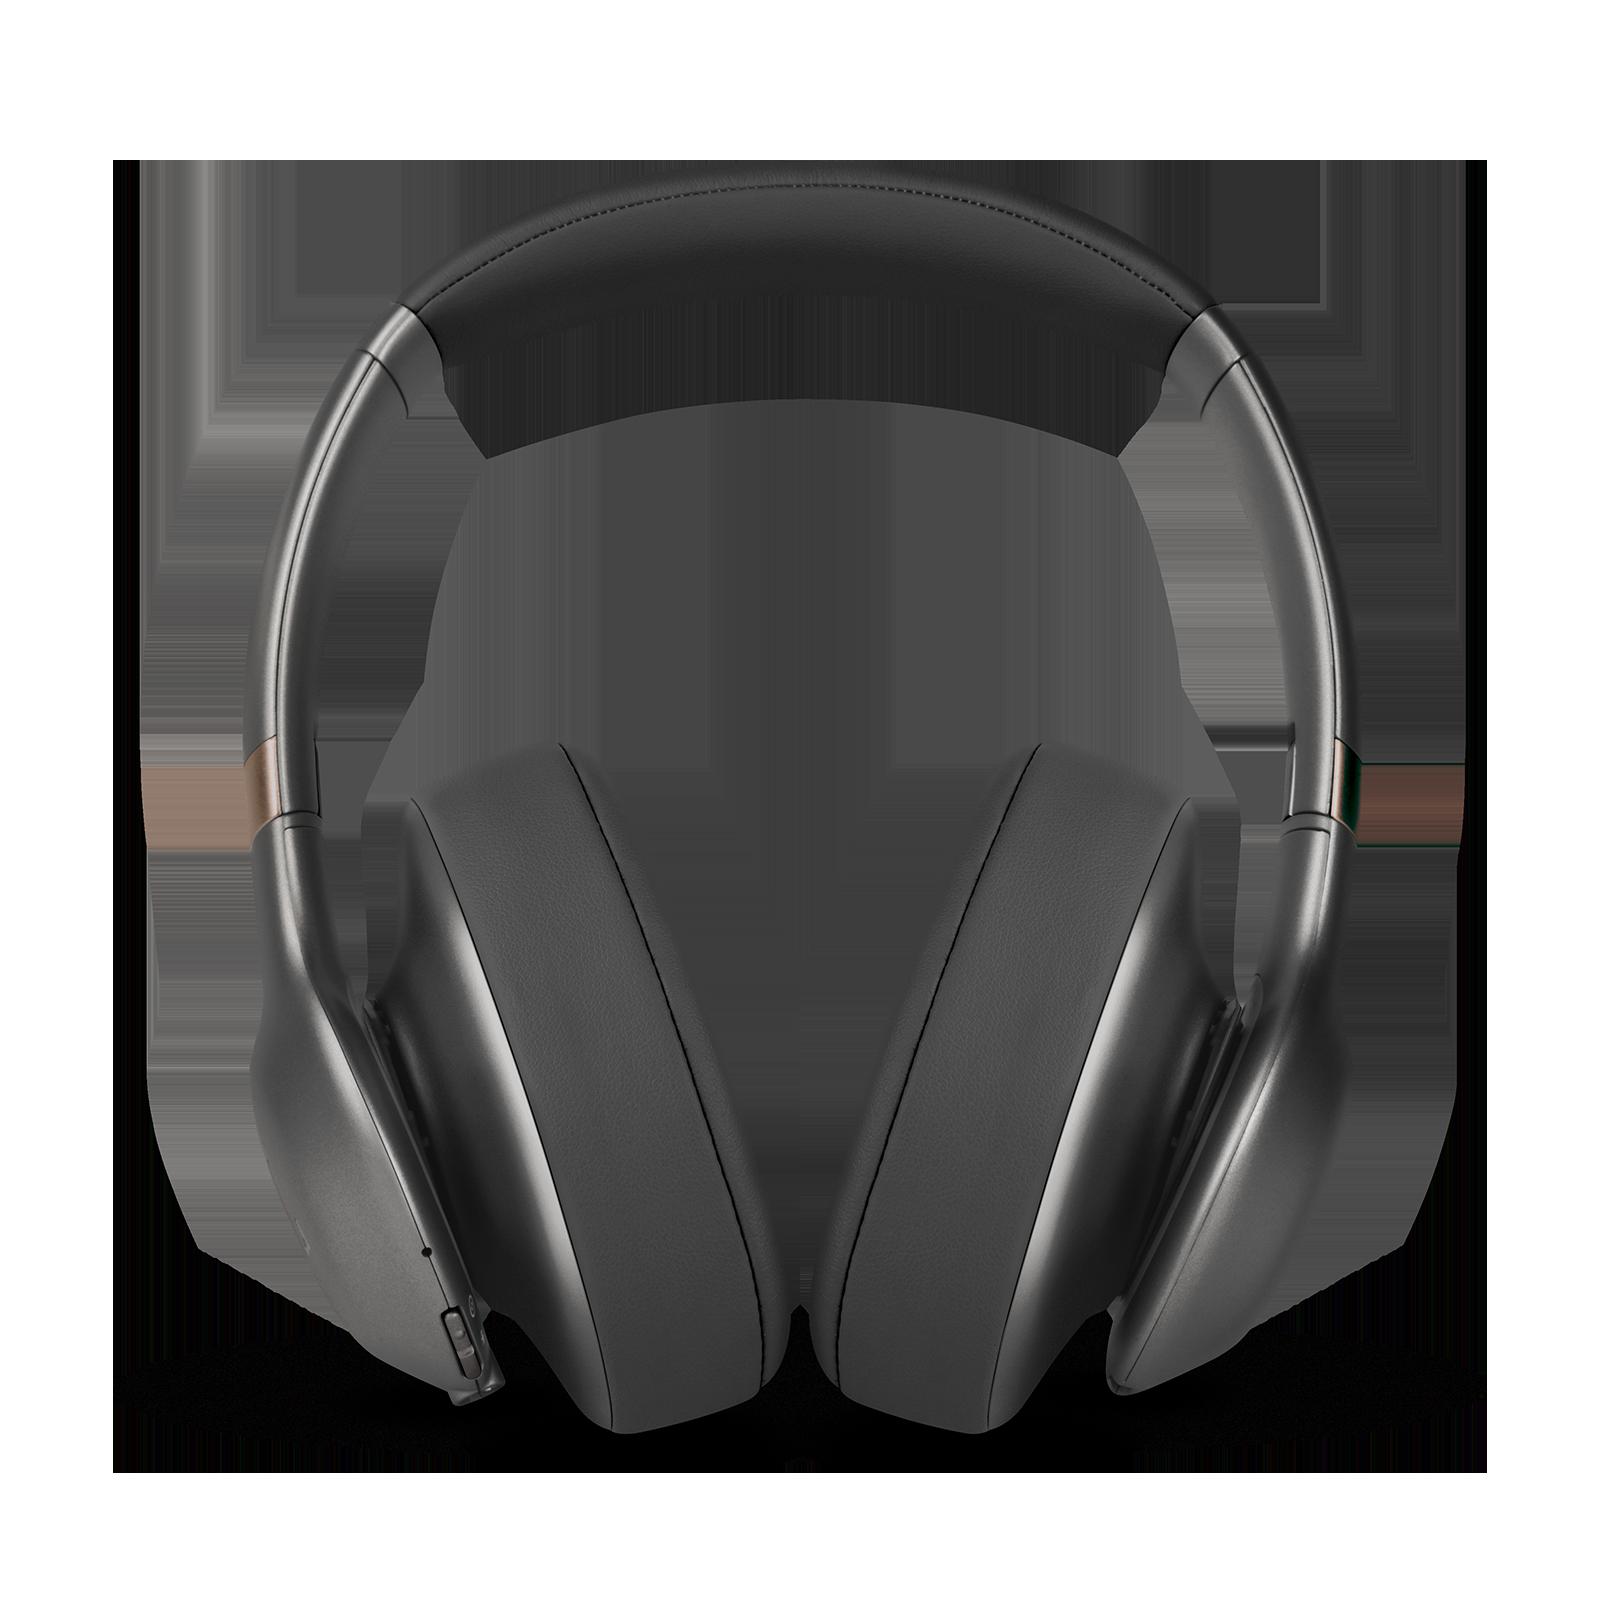 48e5d0c1fe5 JBL EVEREST™ 710 | Wireless Over-ear headphones